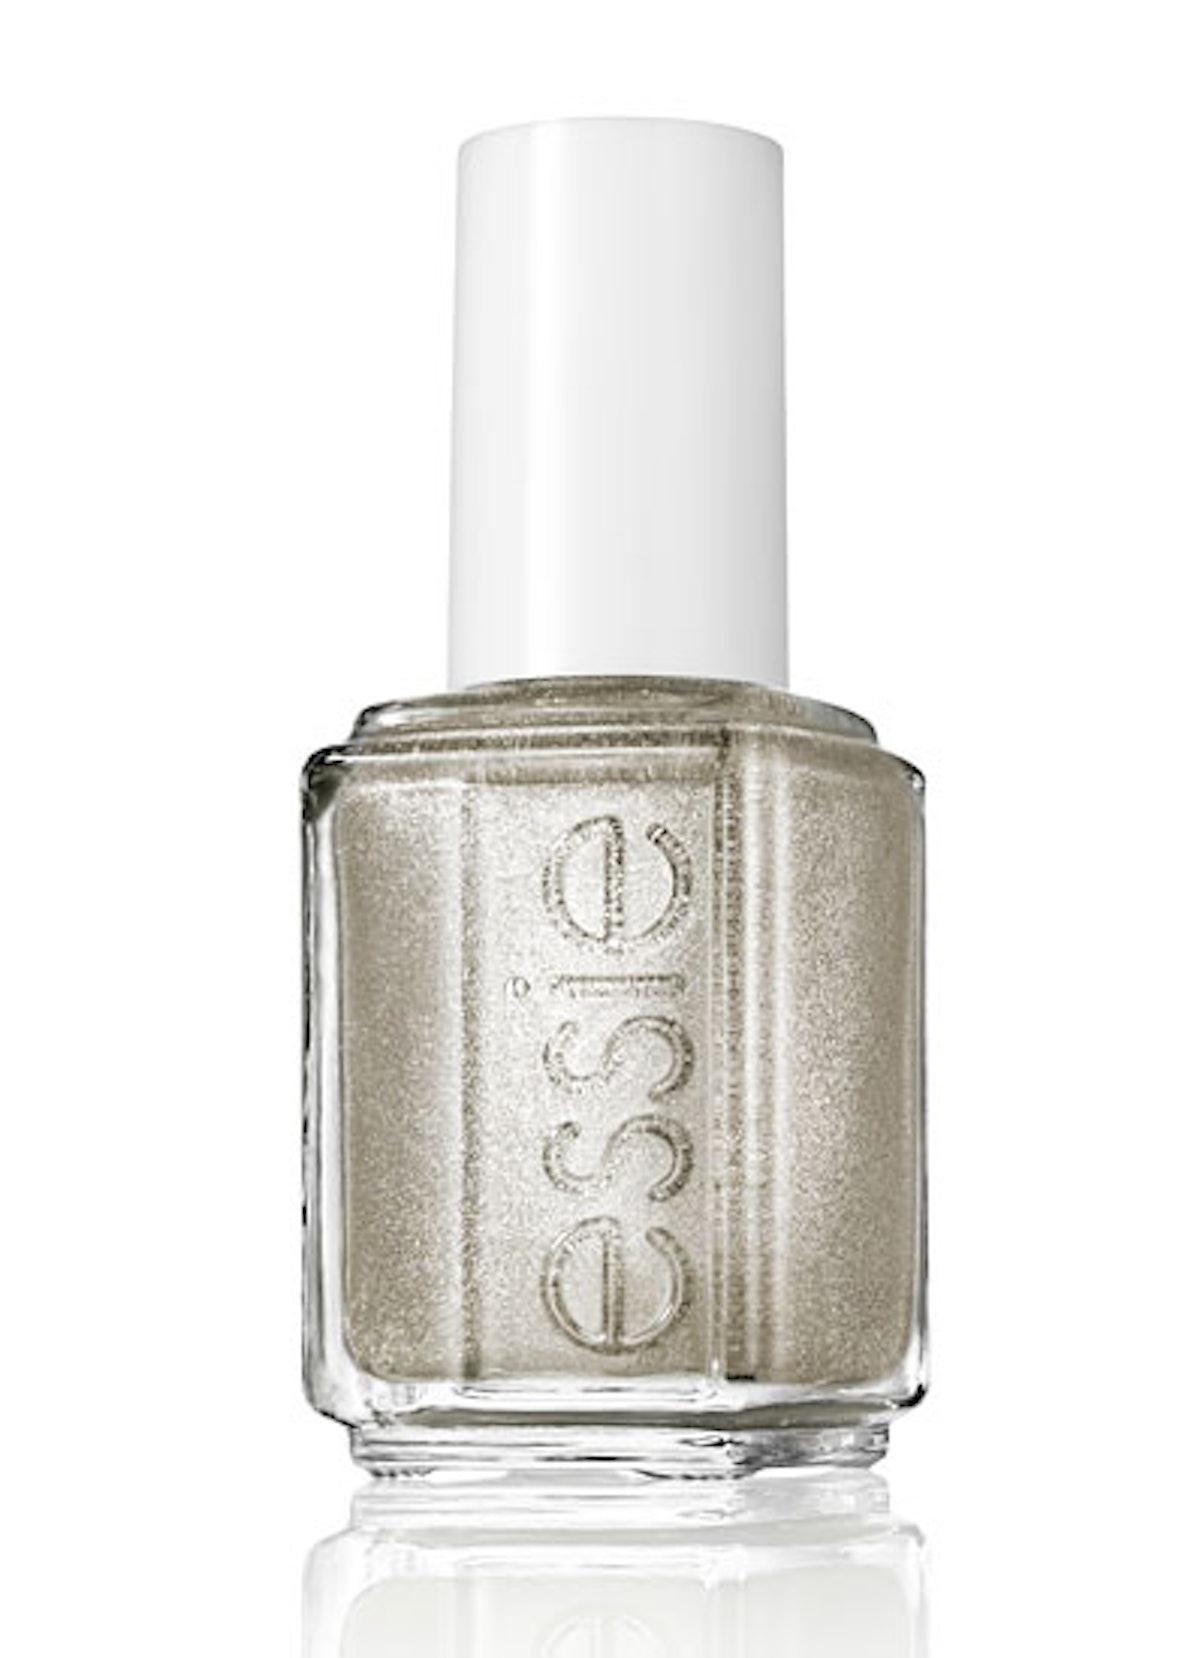 bess-shimmery-nail-polishes-03-v.jpg